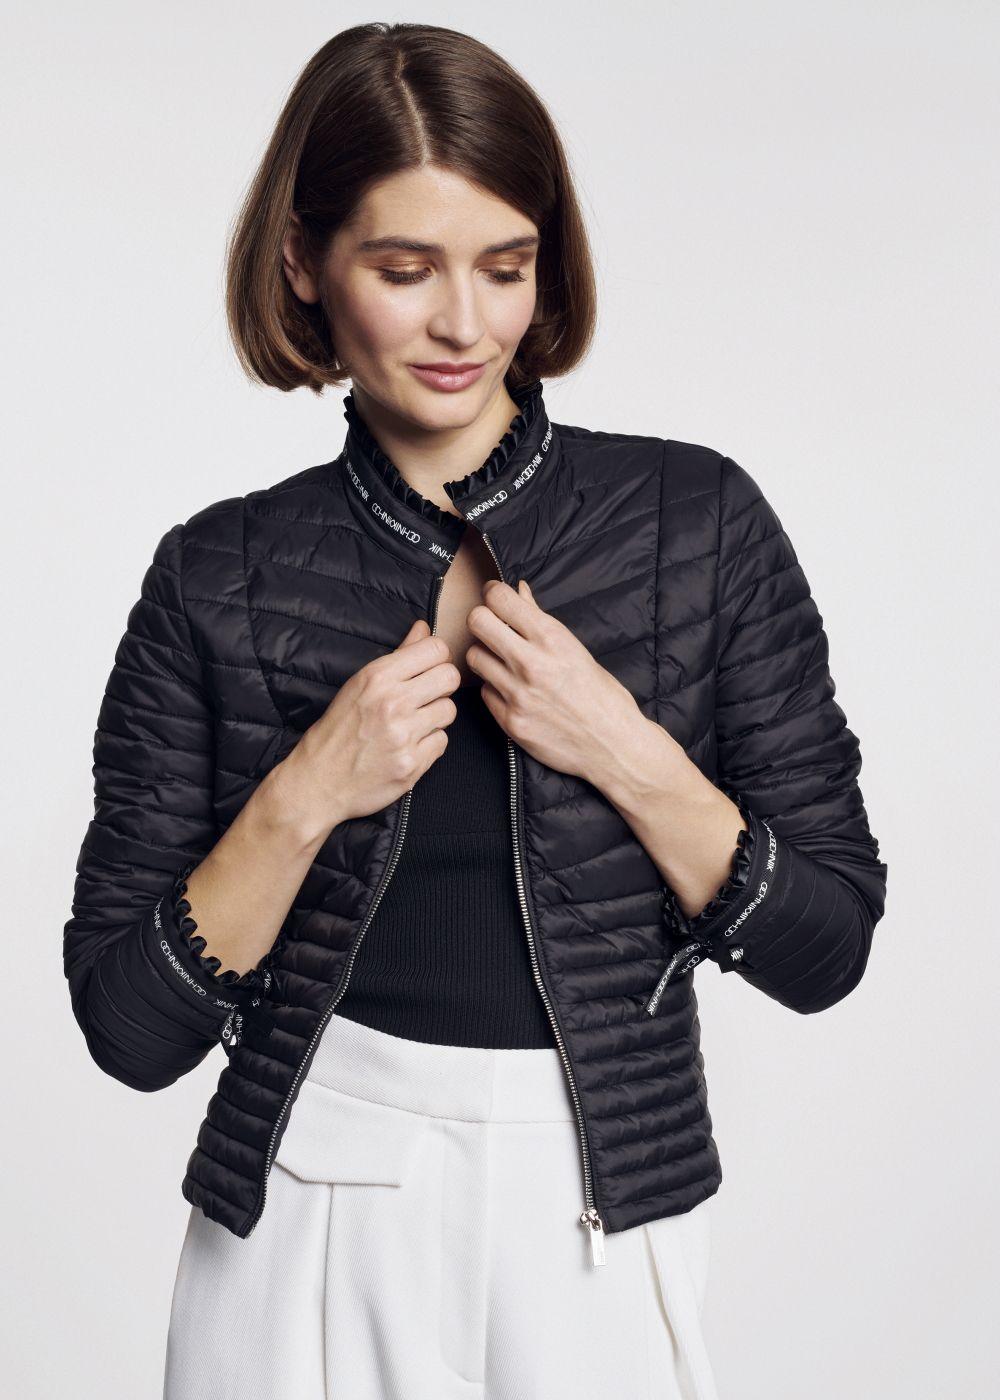 Pikowana kurtka damska z tasiemkami KURDT-0294-99(W21)